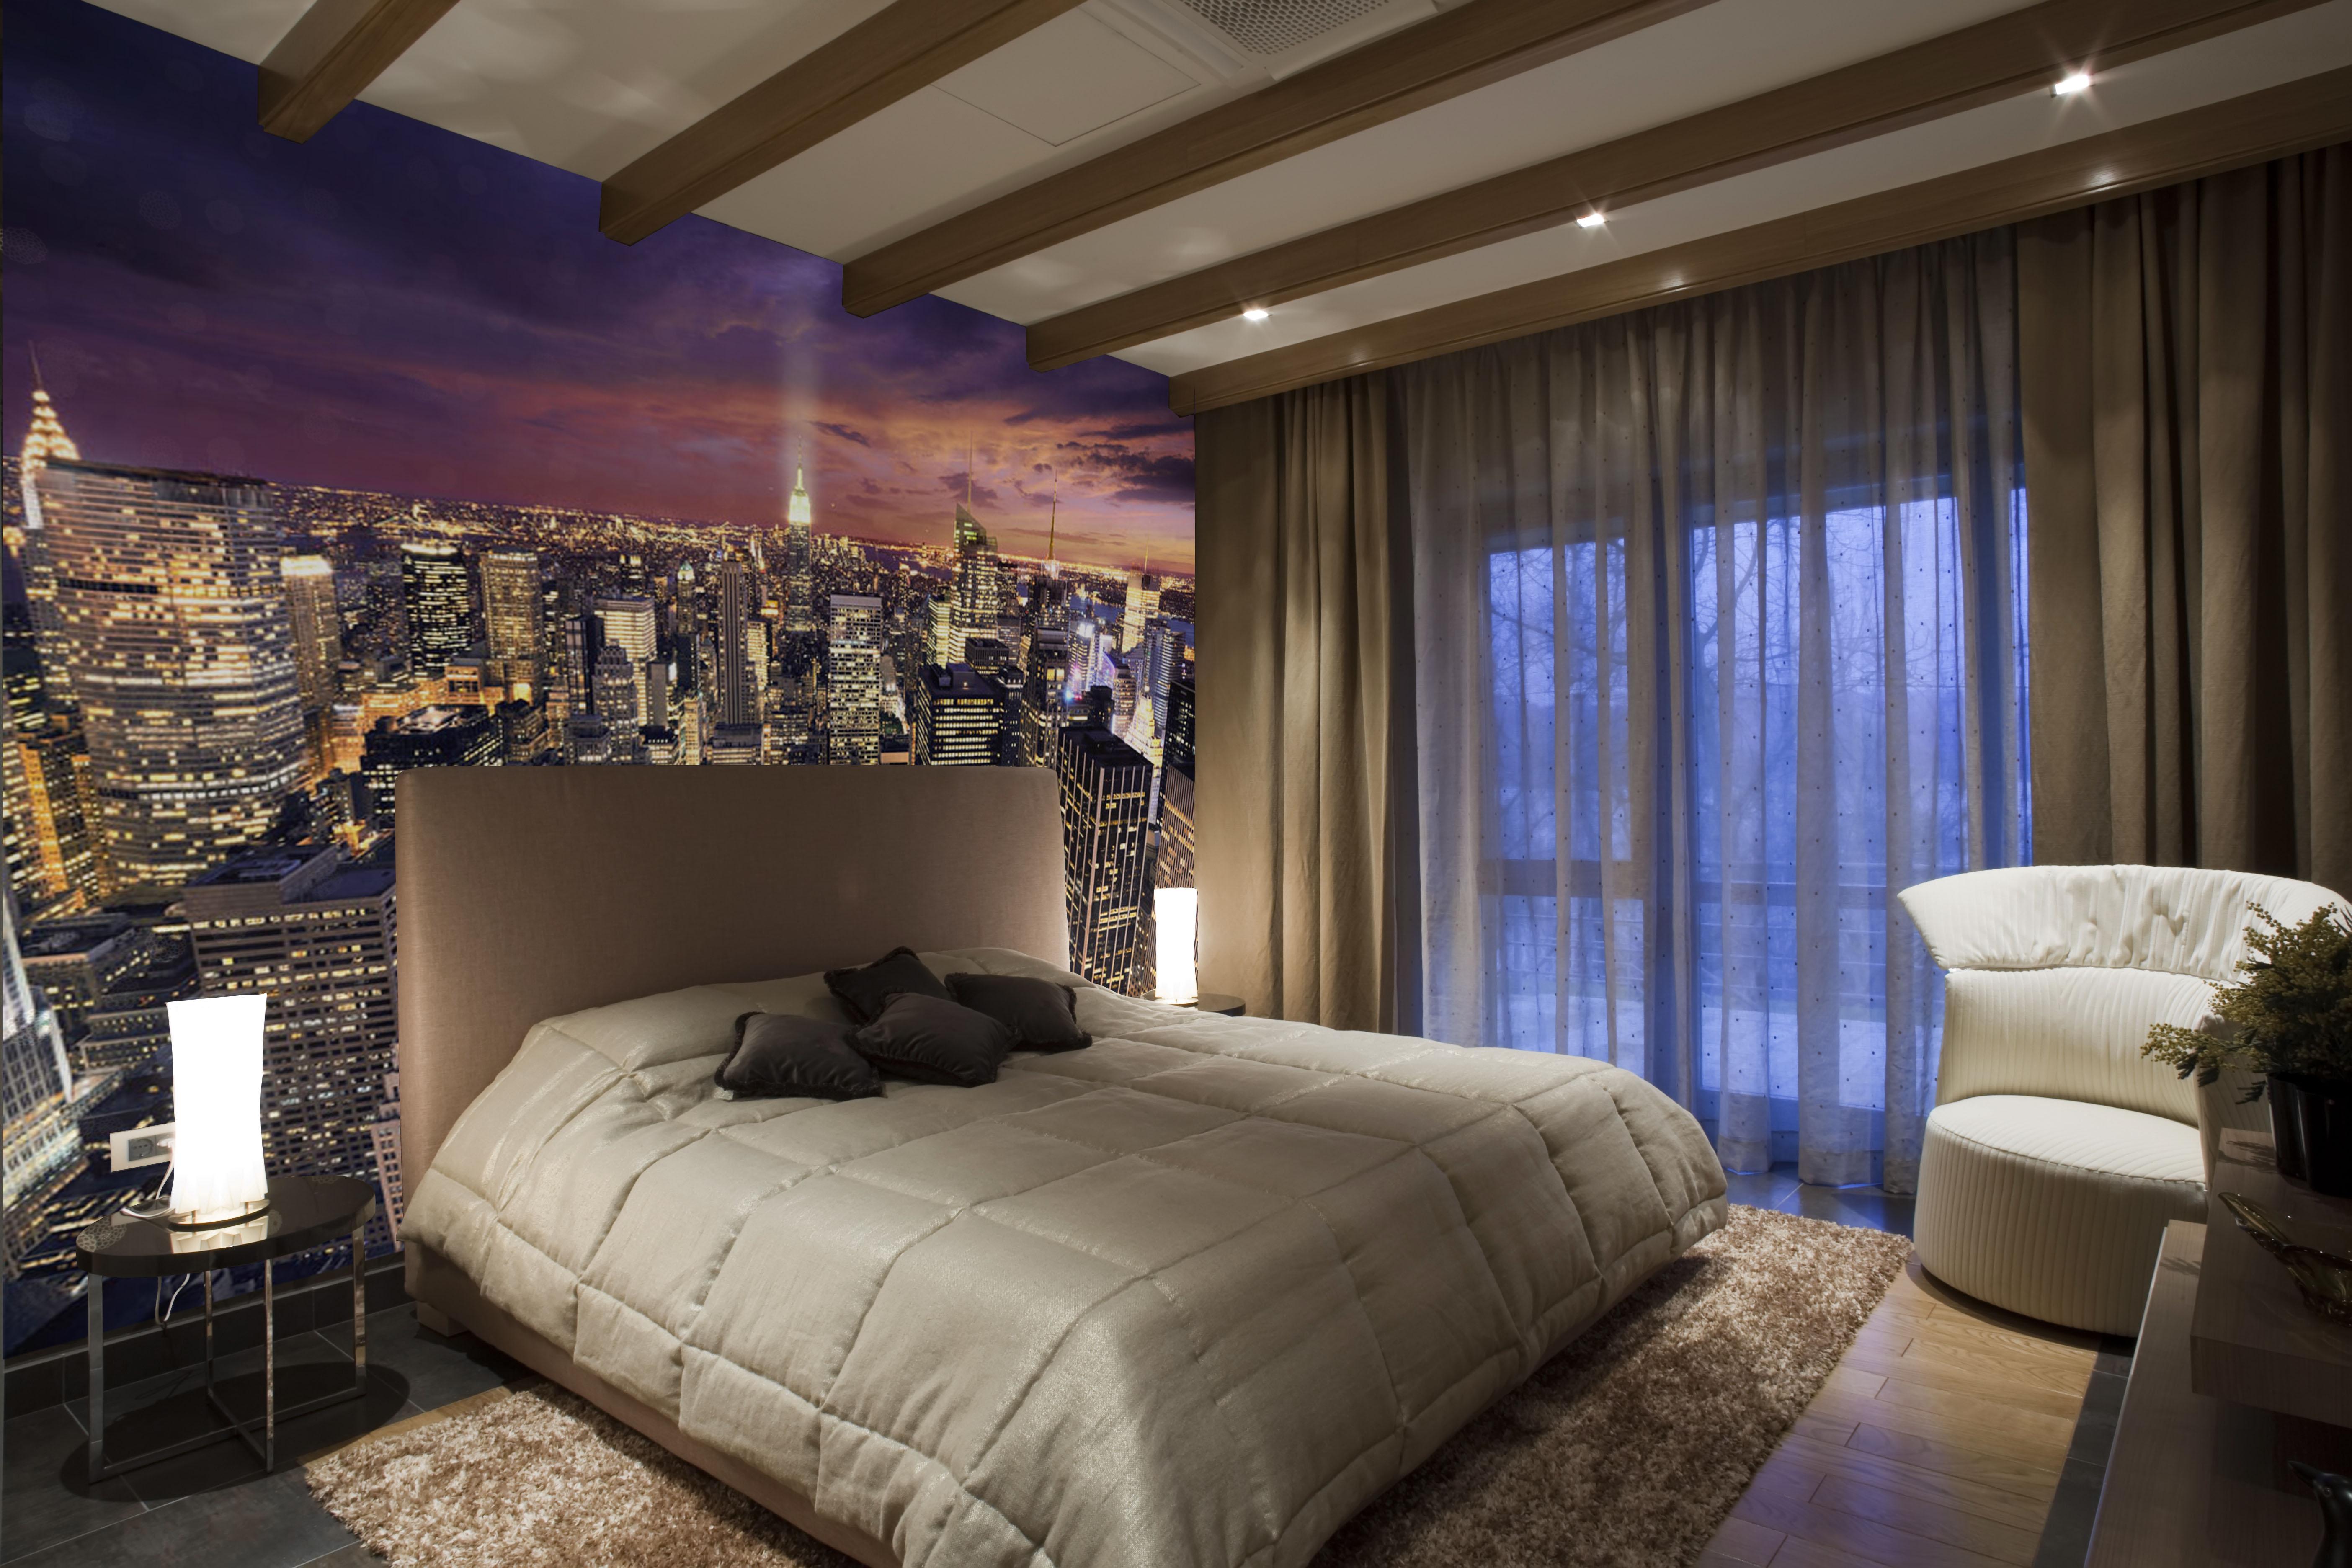 Ideas de decoraci n papel pintado y fotomurales con paisajes para alegrar una habitaci n sin - Idealista habitacion barcelona ...